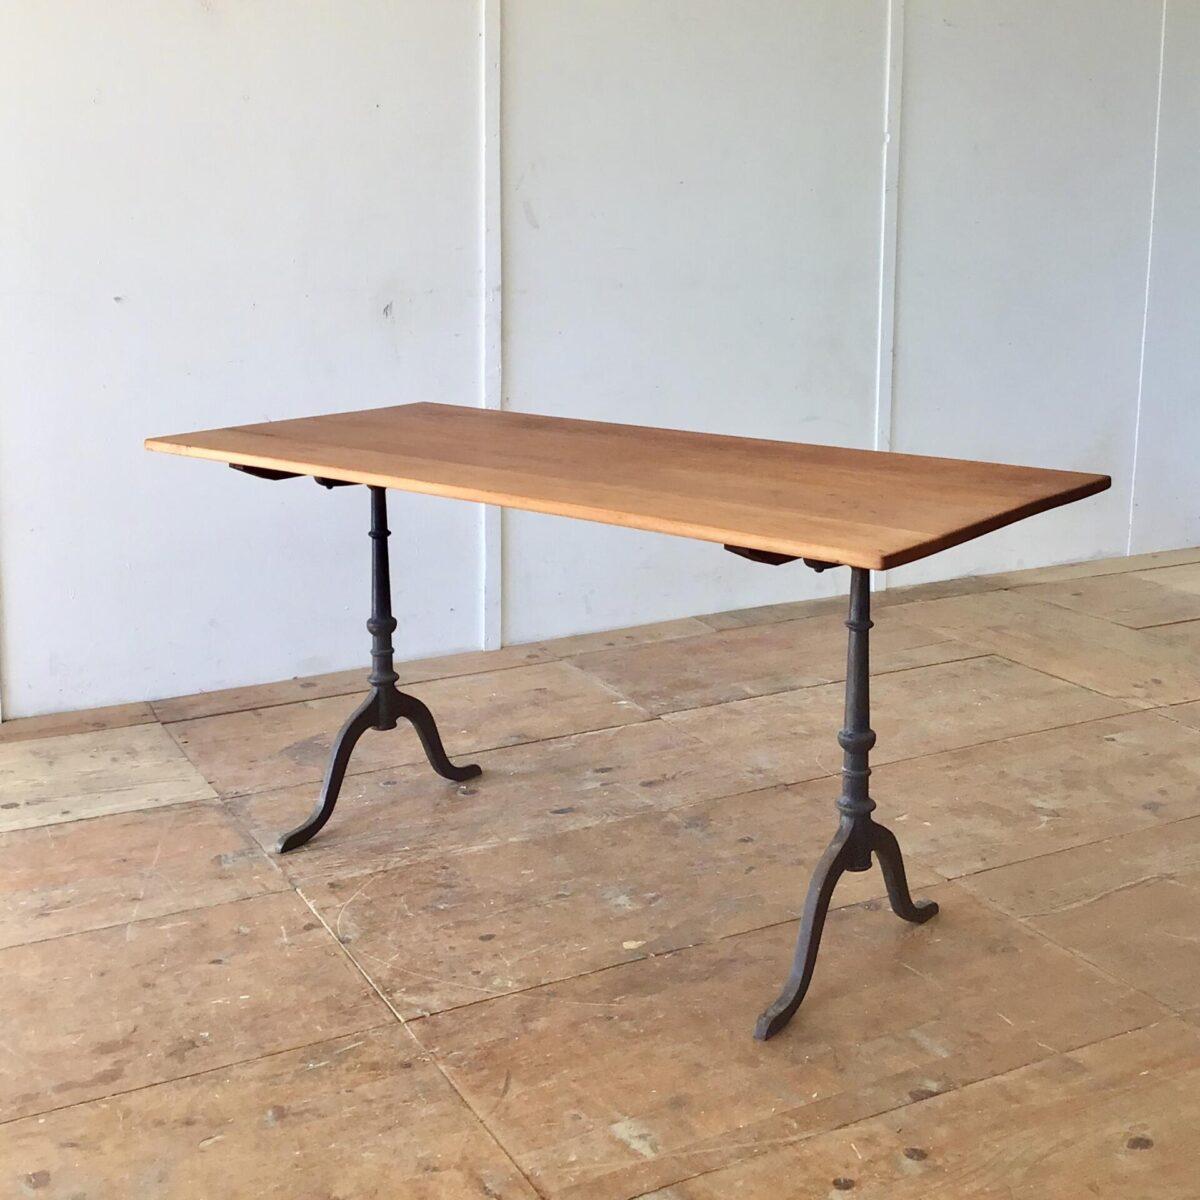 Schöner alter Buchenholz Beizentisch mit Gussfüssen. 150x69cm Höhe 74.5cm. Das Tischblatt ist überarbeitet und mit Naturöl geölt. Der Tisch hat eine rötliche warme Ausstrahlung. Altersbedingte Patina und leicht geschüsselte Tischoberfläche.